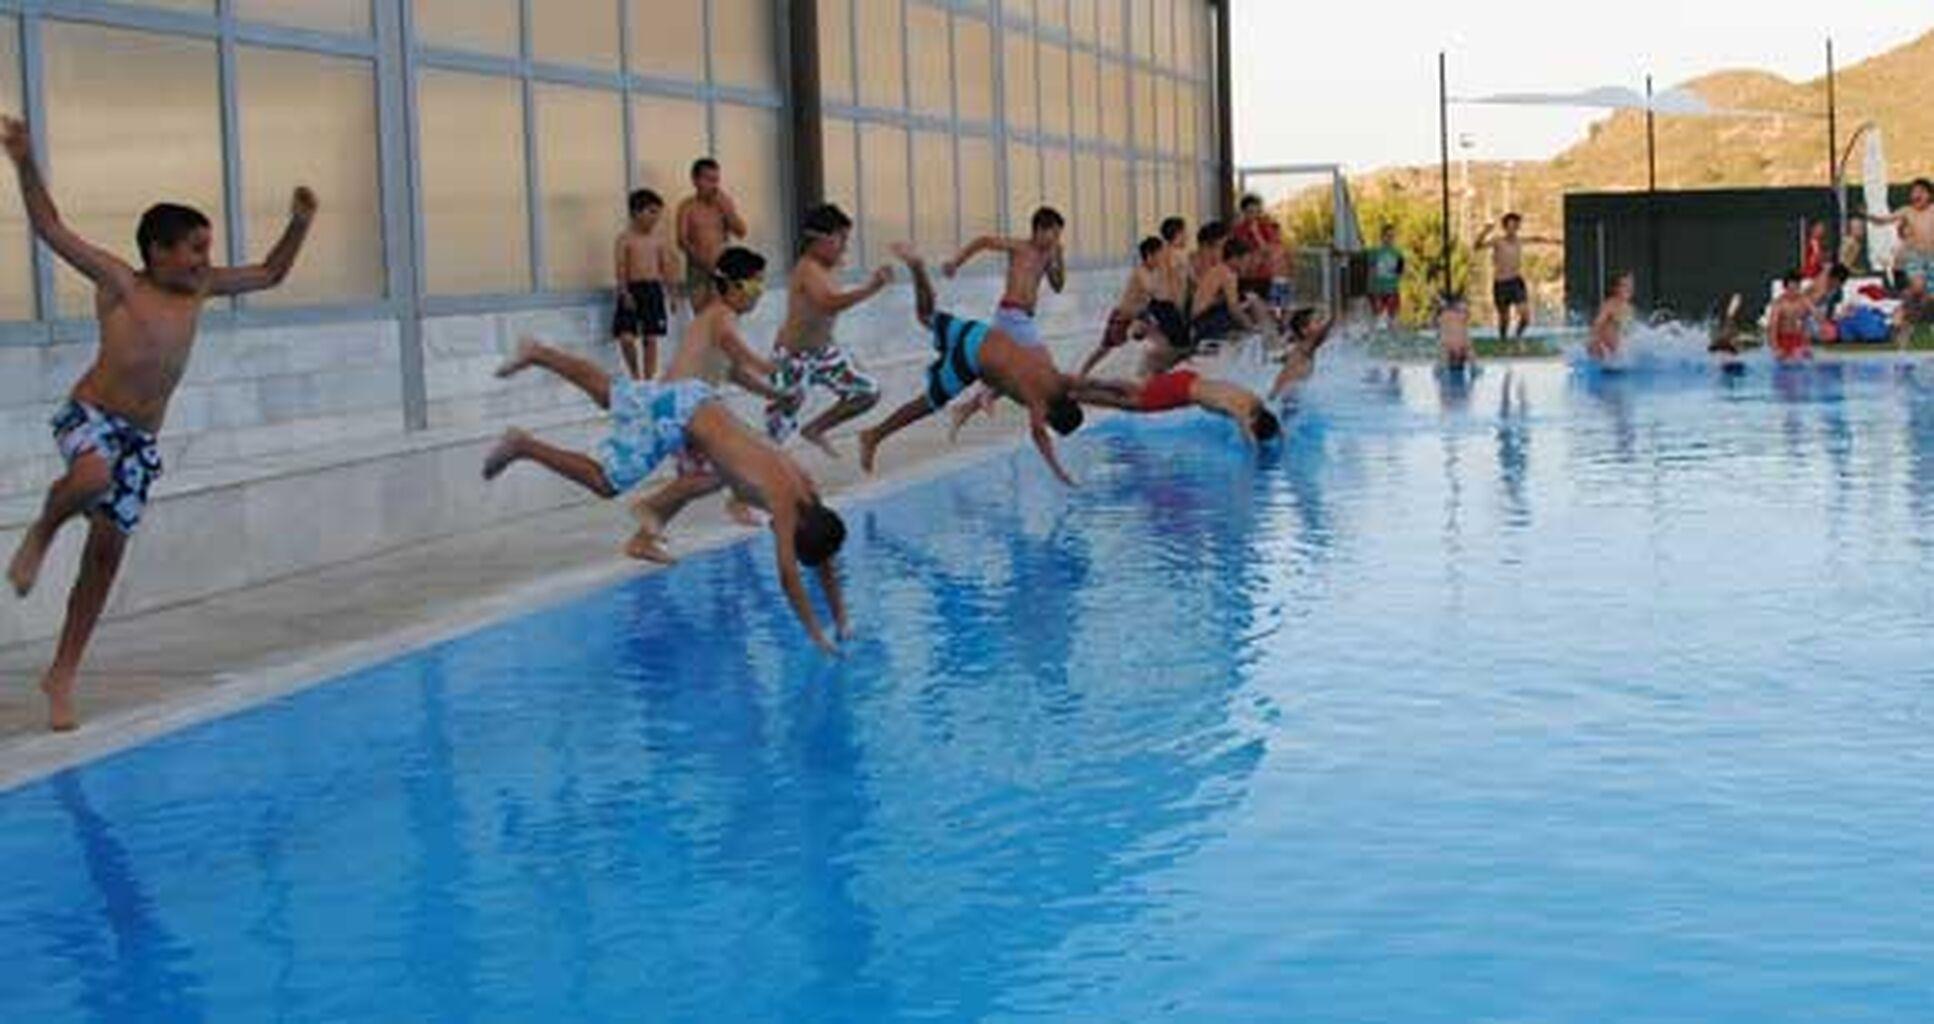 Piscina alcala la real beautiful piscina alcala la real for Piscina municipal alcala de henares